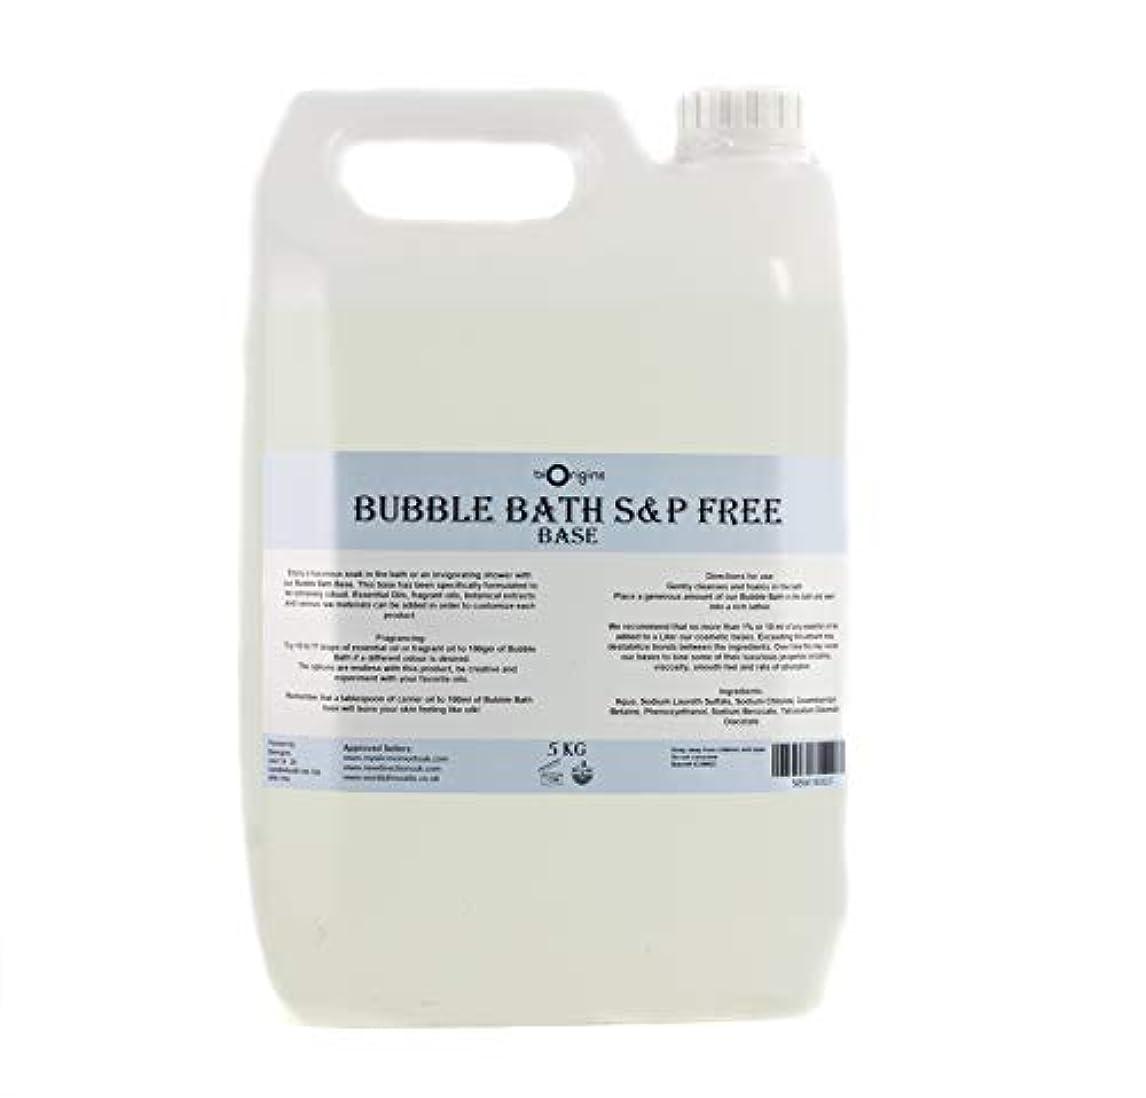 進化するデッド便利さBubble Bath Base - SLS & Paraben Free - 5Kg